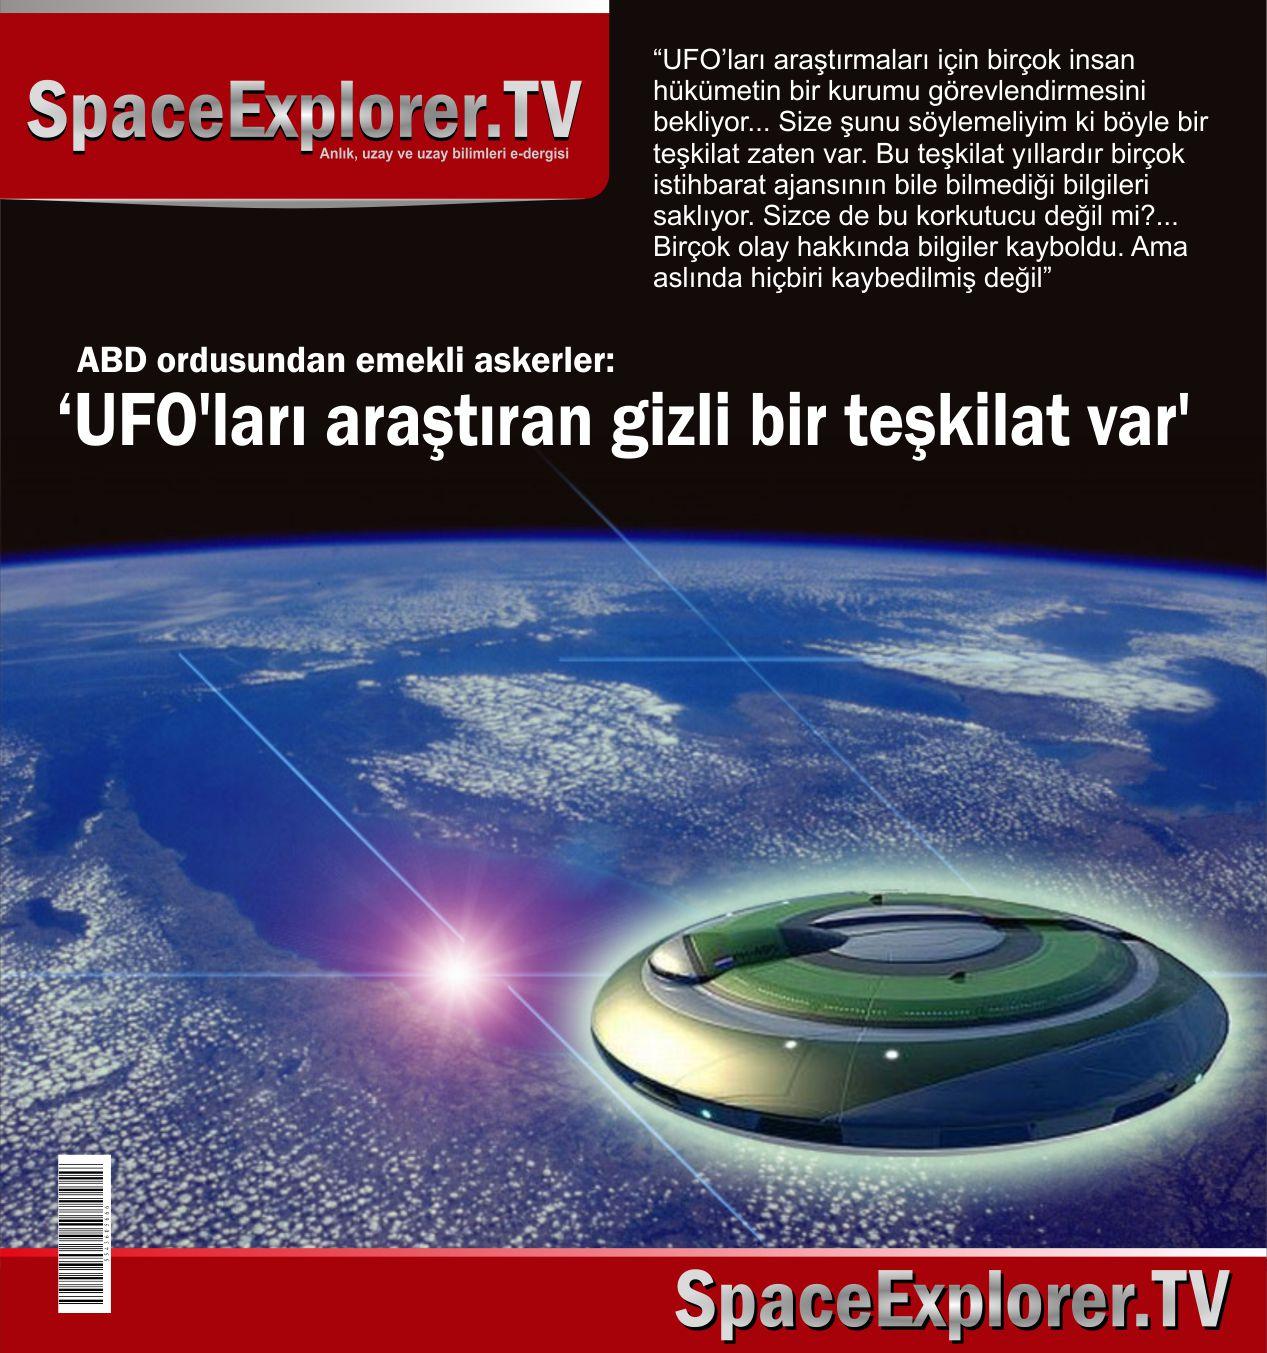 Space Explorer, UFO, UFO'lar gerçek mi?, NSA, CIA, FBI, Askerlerin itirafları, Project Blue Book, Mavi Kitap Projesi, Başka boyutlar, Gerçek uzaylı görüntüleri, Uzayda hayat var mı?,